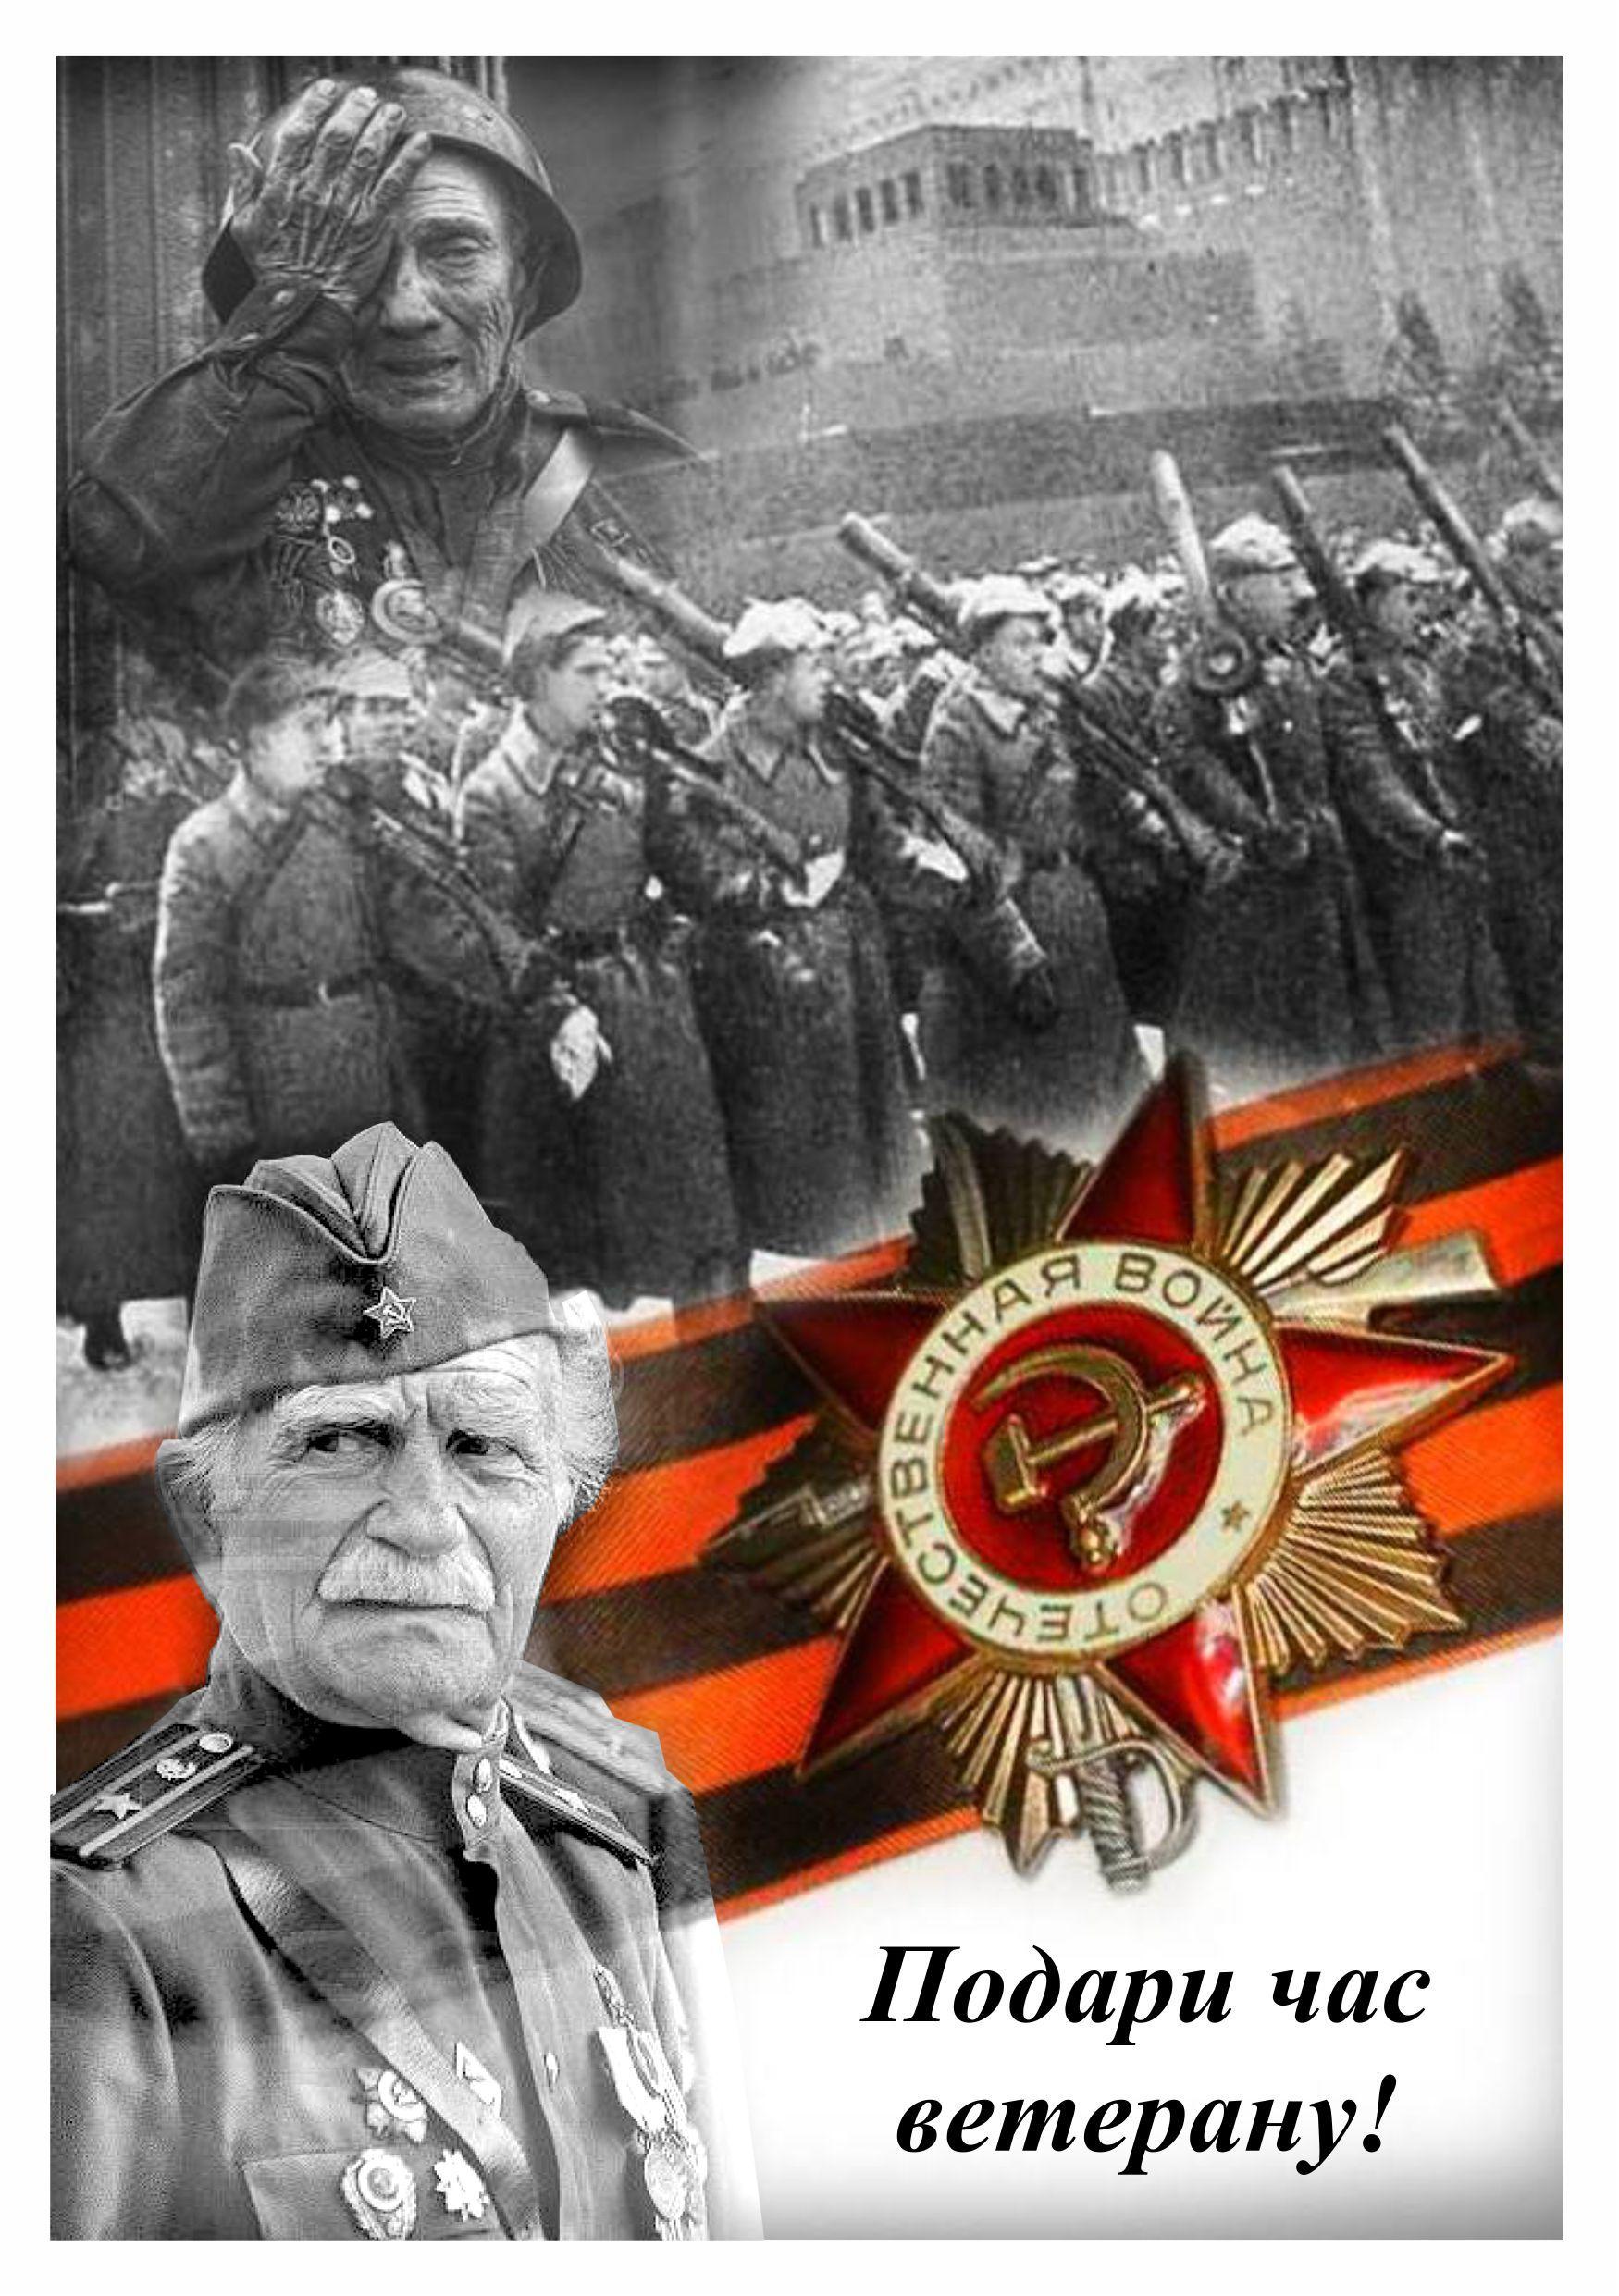 """Благотворительная акция """"Подари час ветерану!"""" завершается в Норильске"""